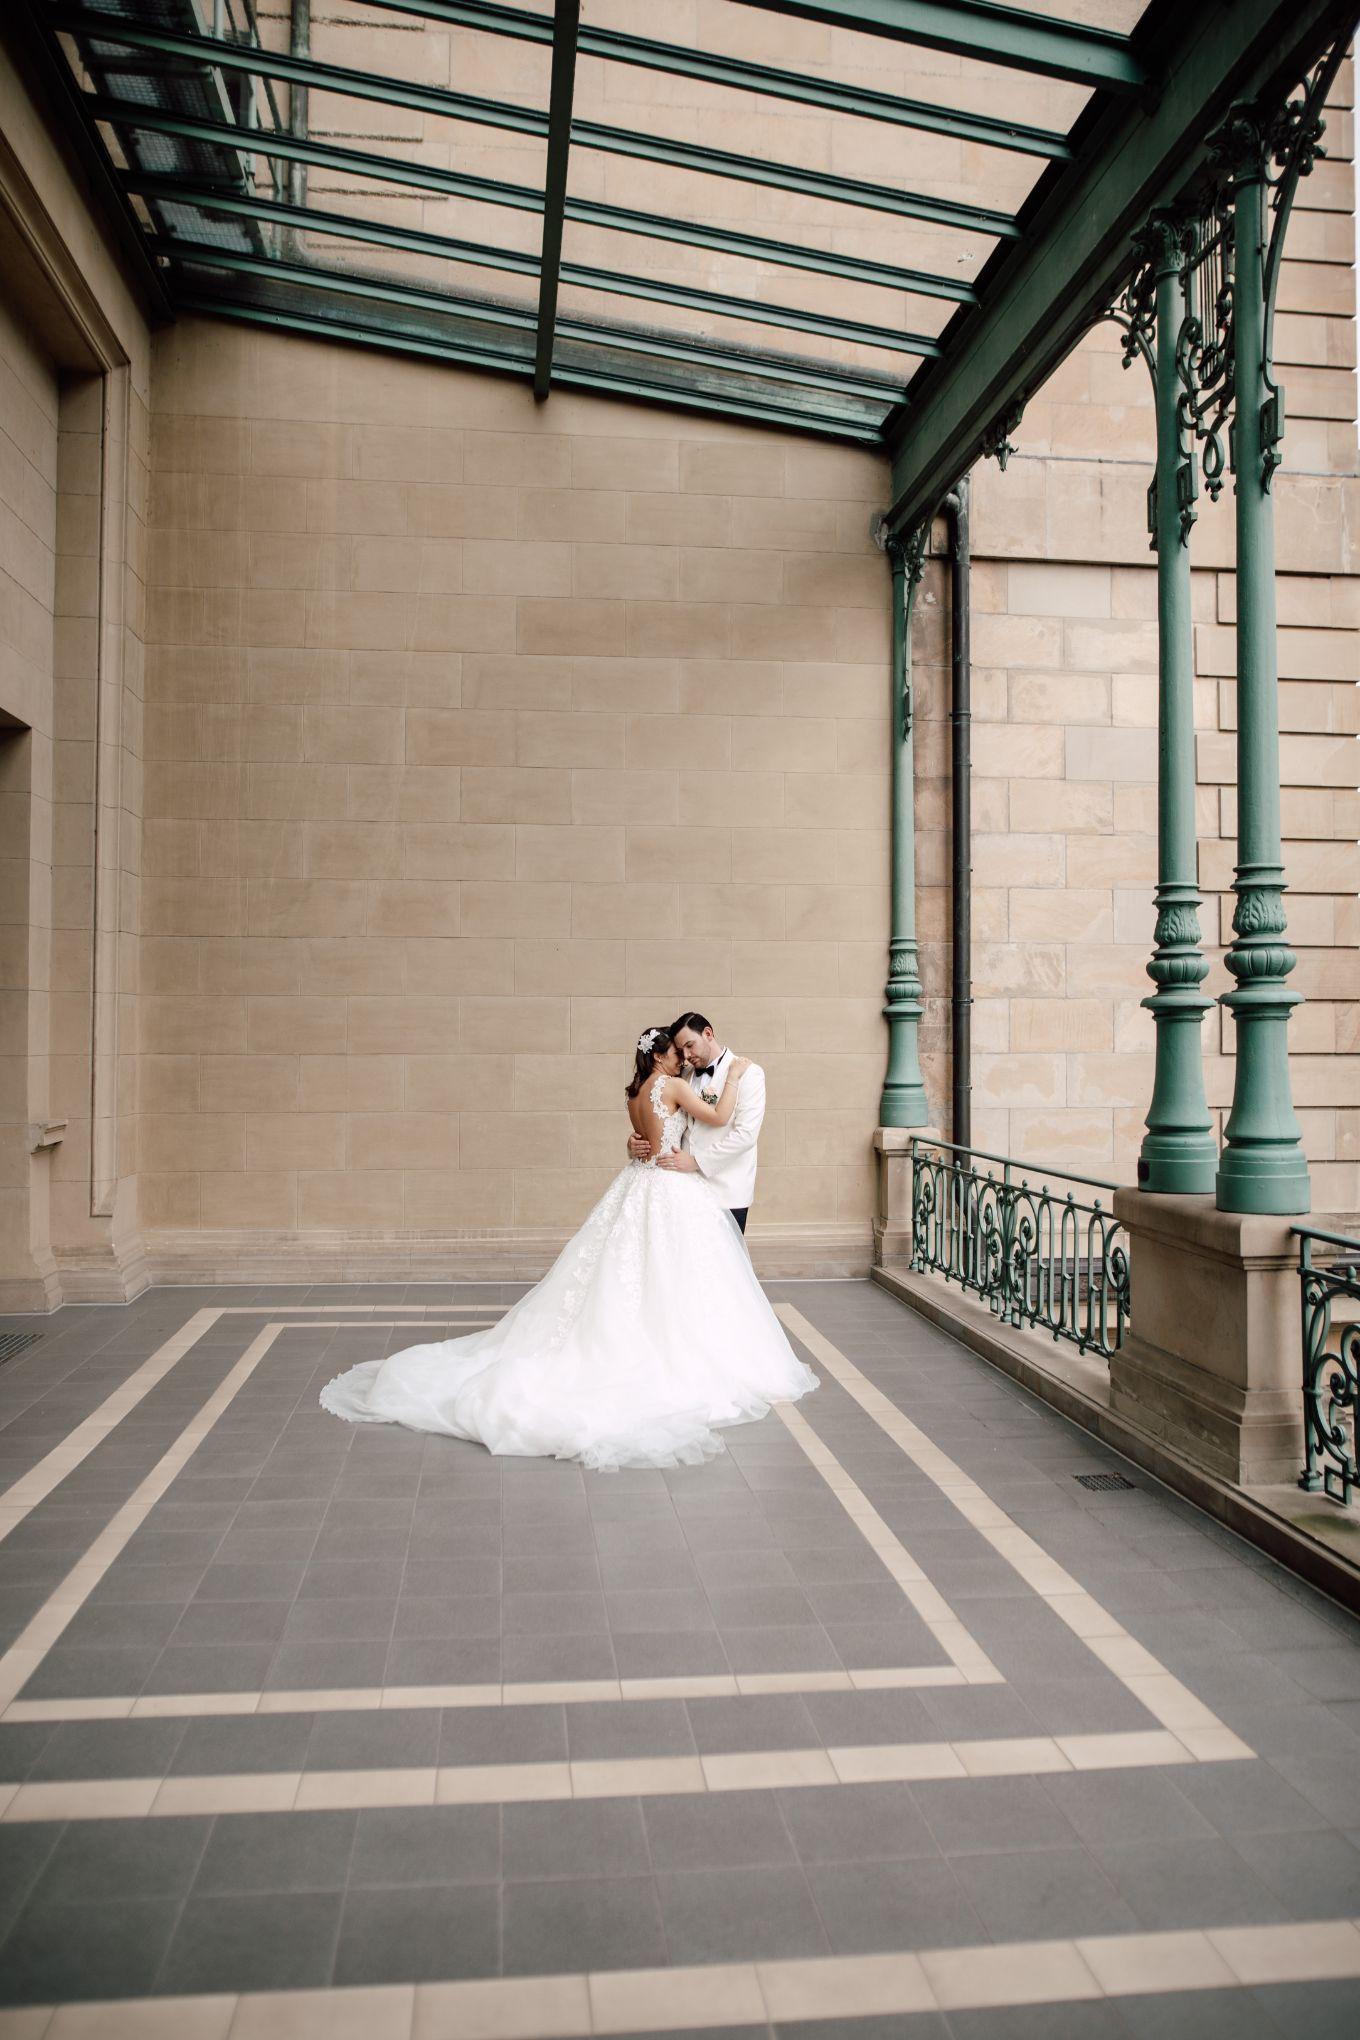 Historische-Stadthalle-Wuppertal-Hochzeit-The-Saums-KN-4-6.jpg